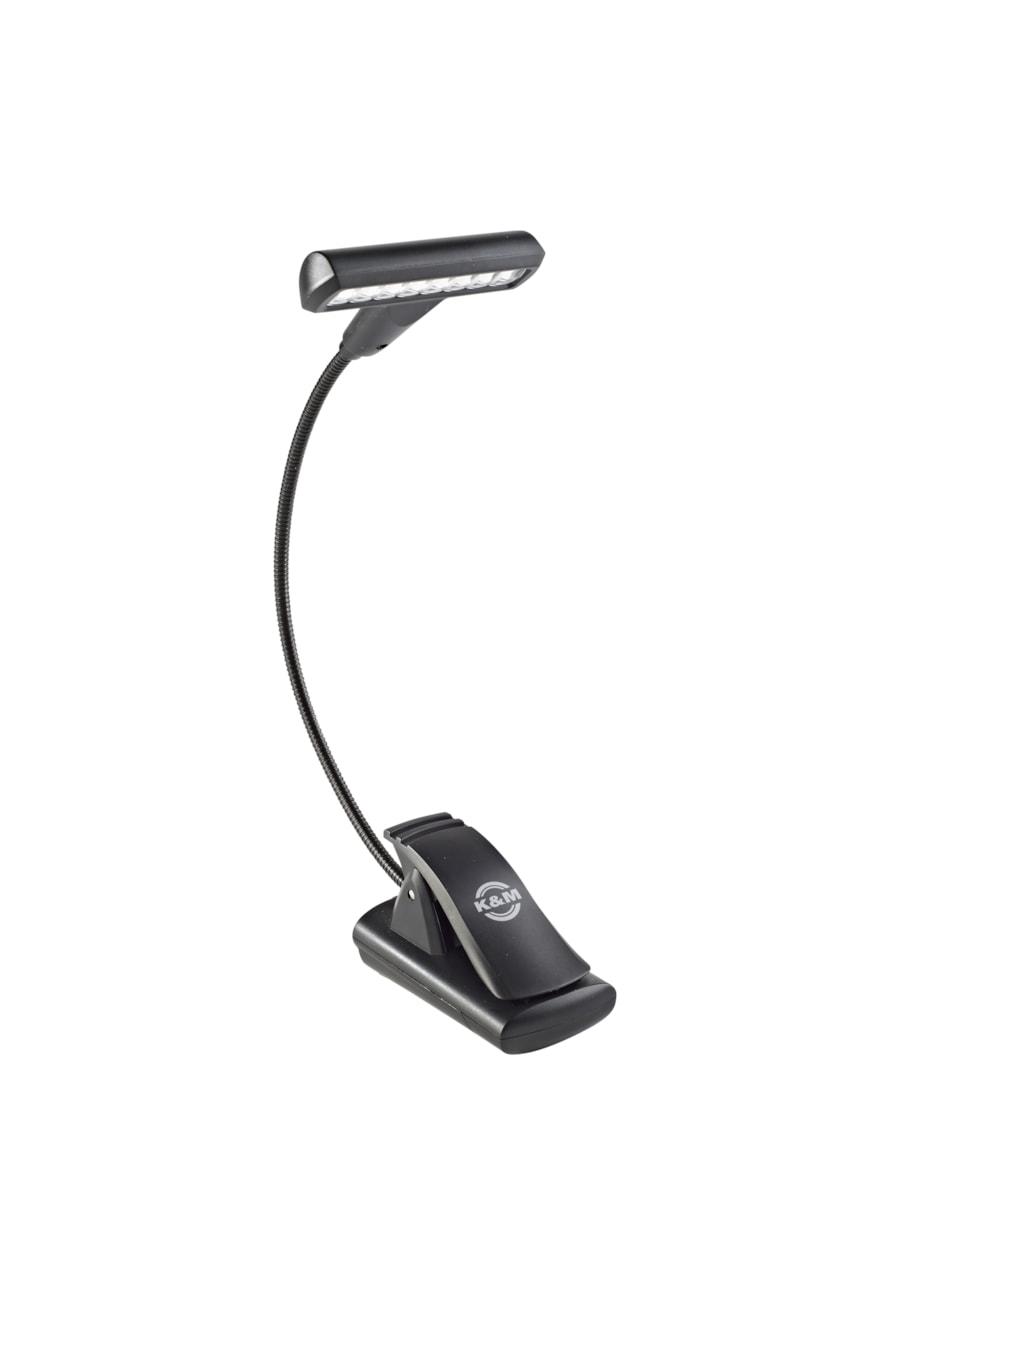 KM12247 - Music stand light »T-Model LED FlexLight«